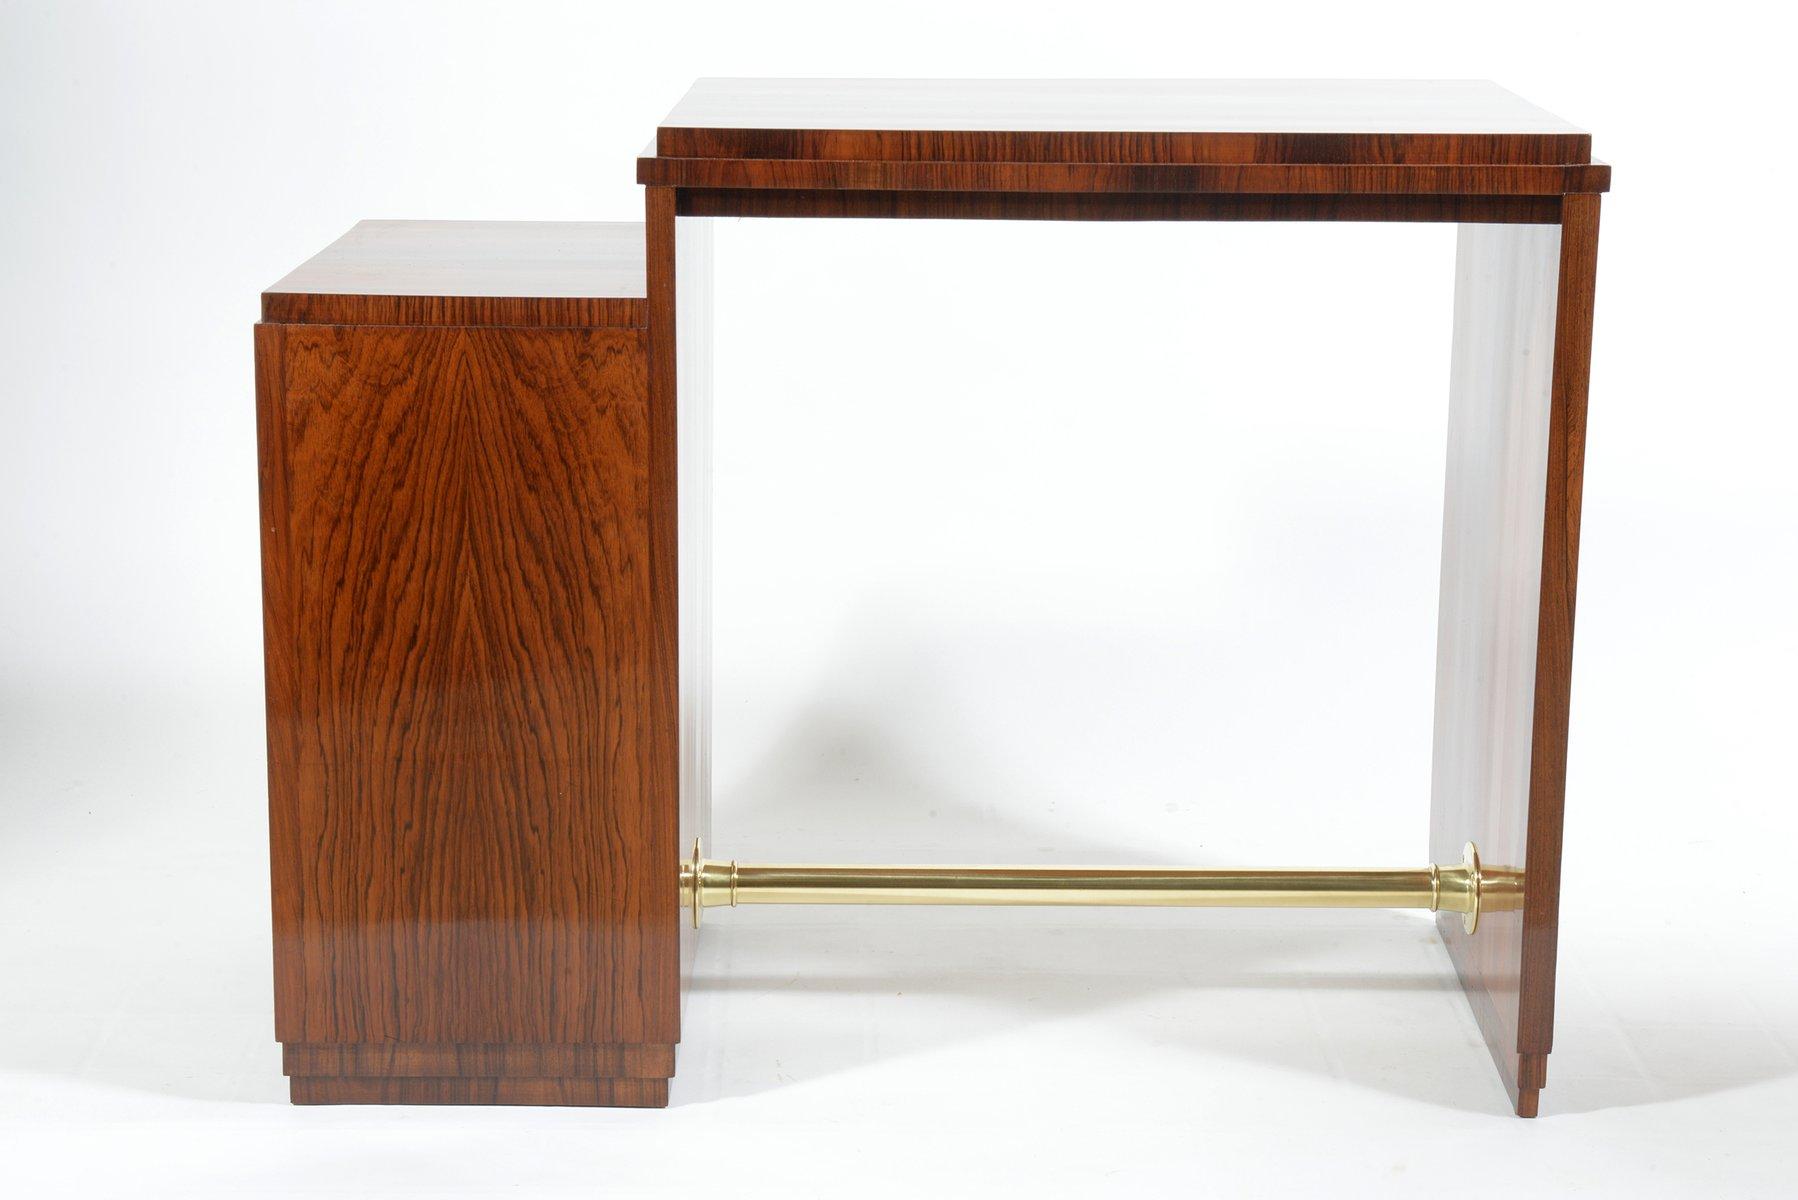 italienischer art deco schreibtisch mit vier schubladen 1930er bei pamono kaufen. Black Bedroom Furniture Sets. Home Design Ideas